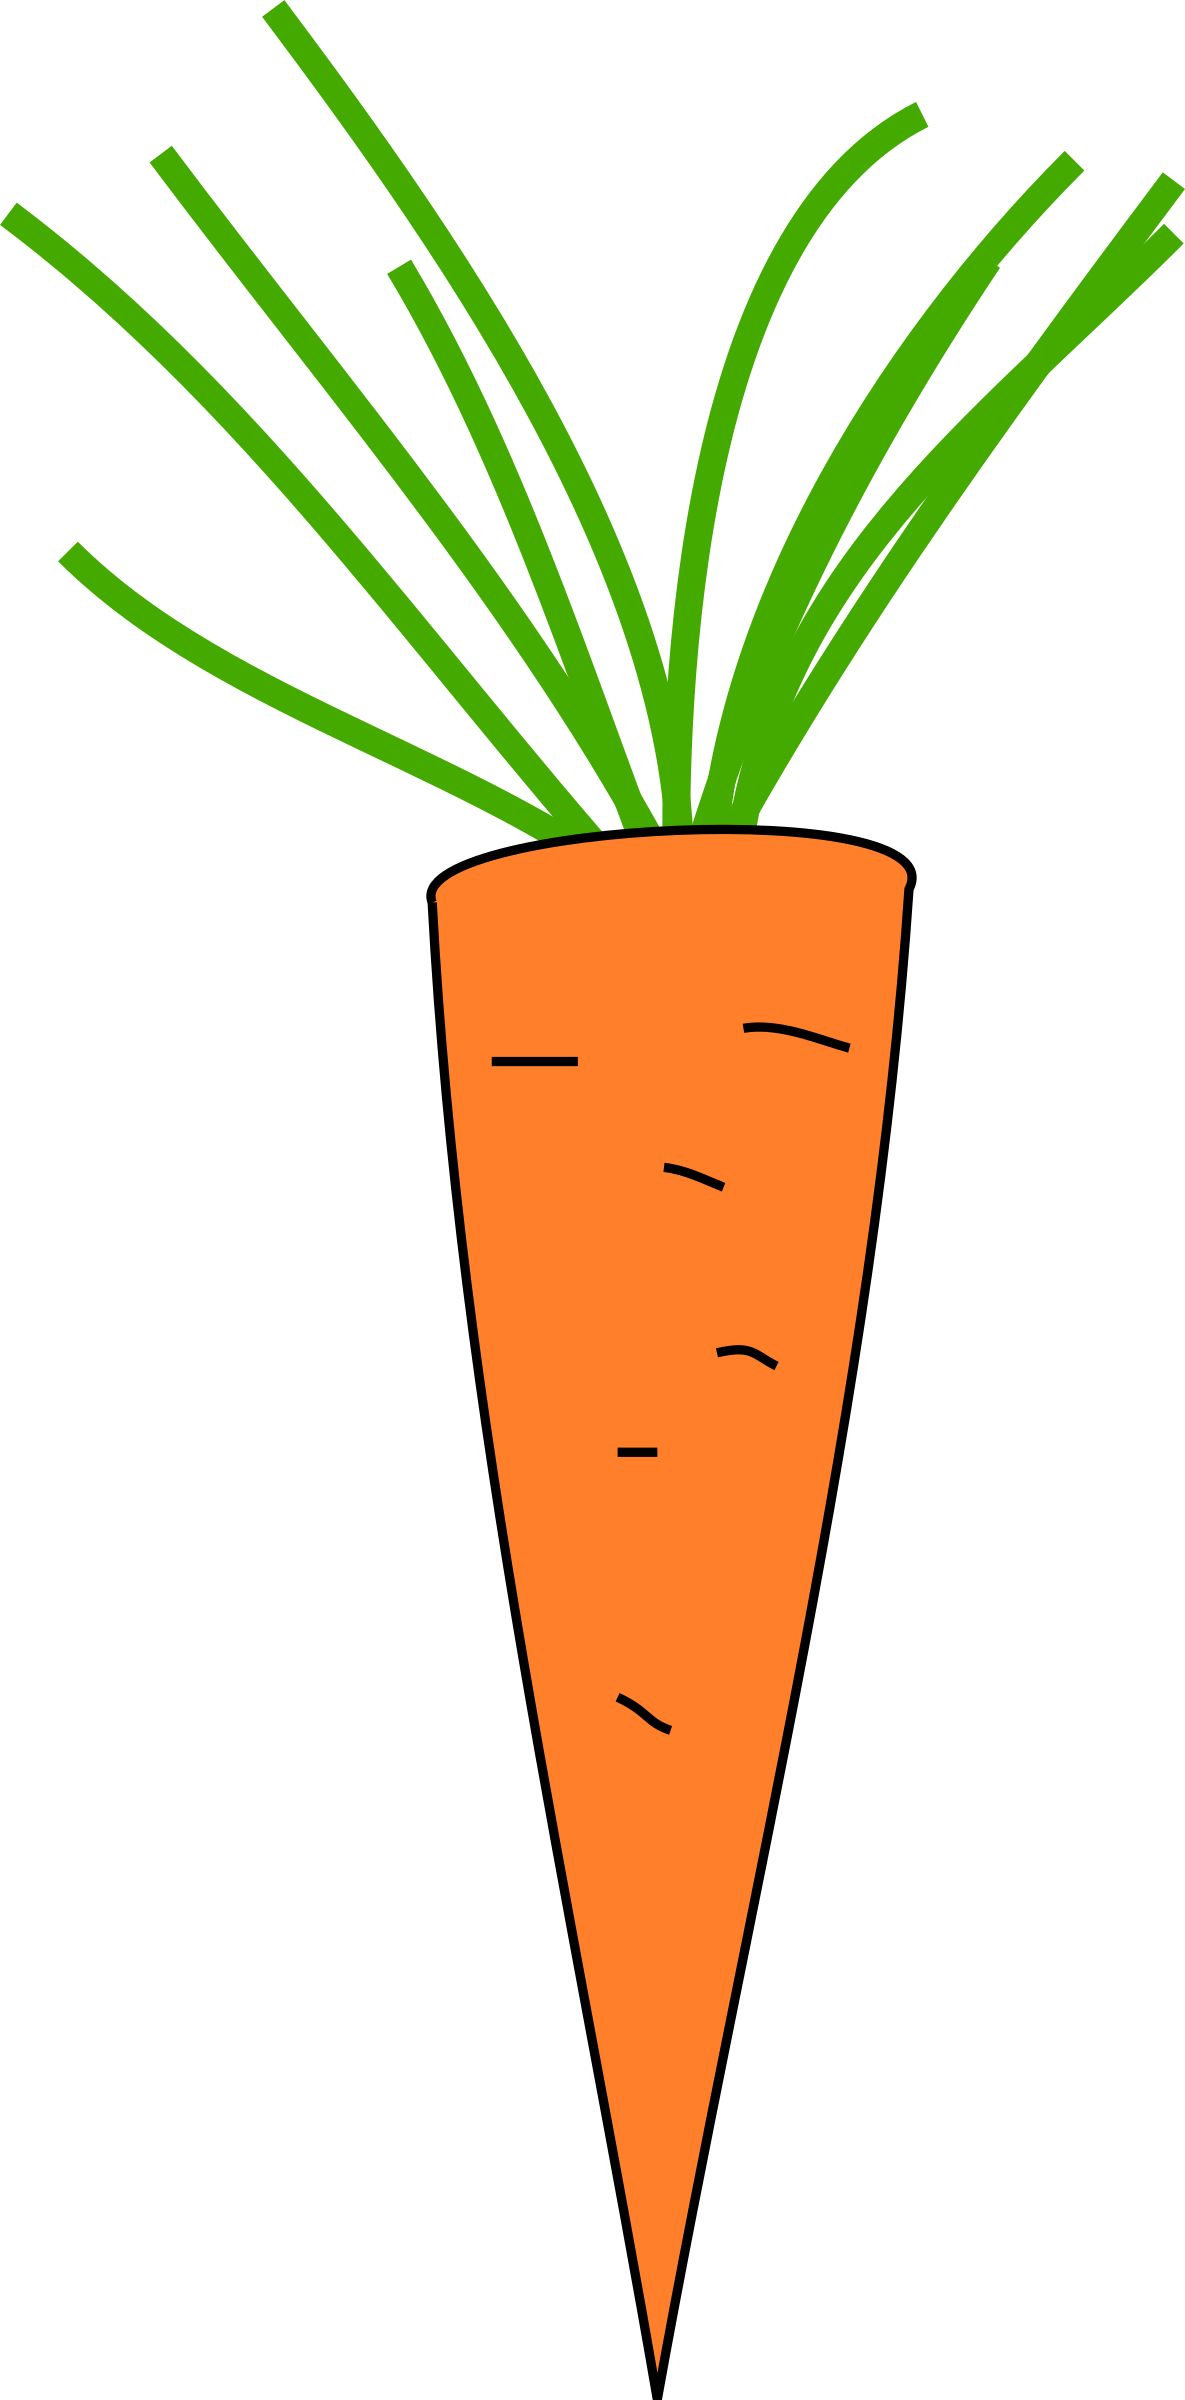 Carrot clipart big Carrot Clipart Carrot